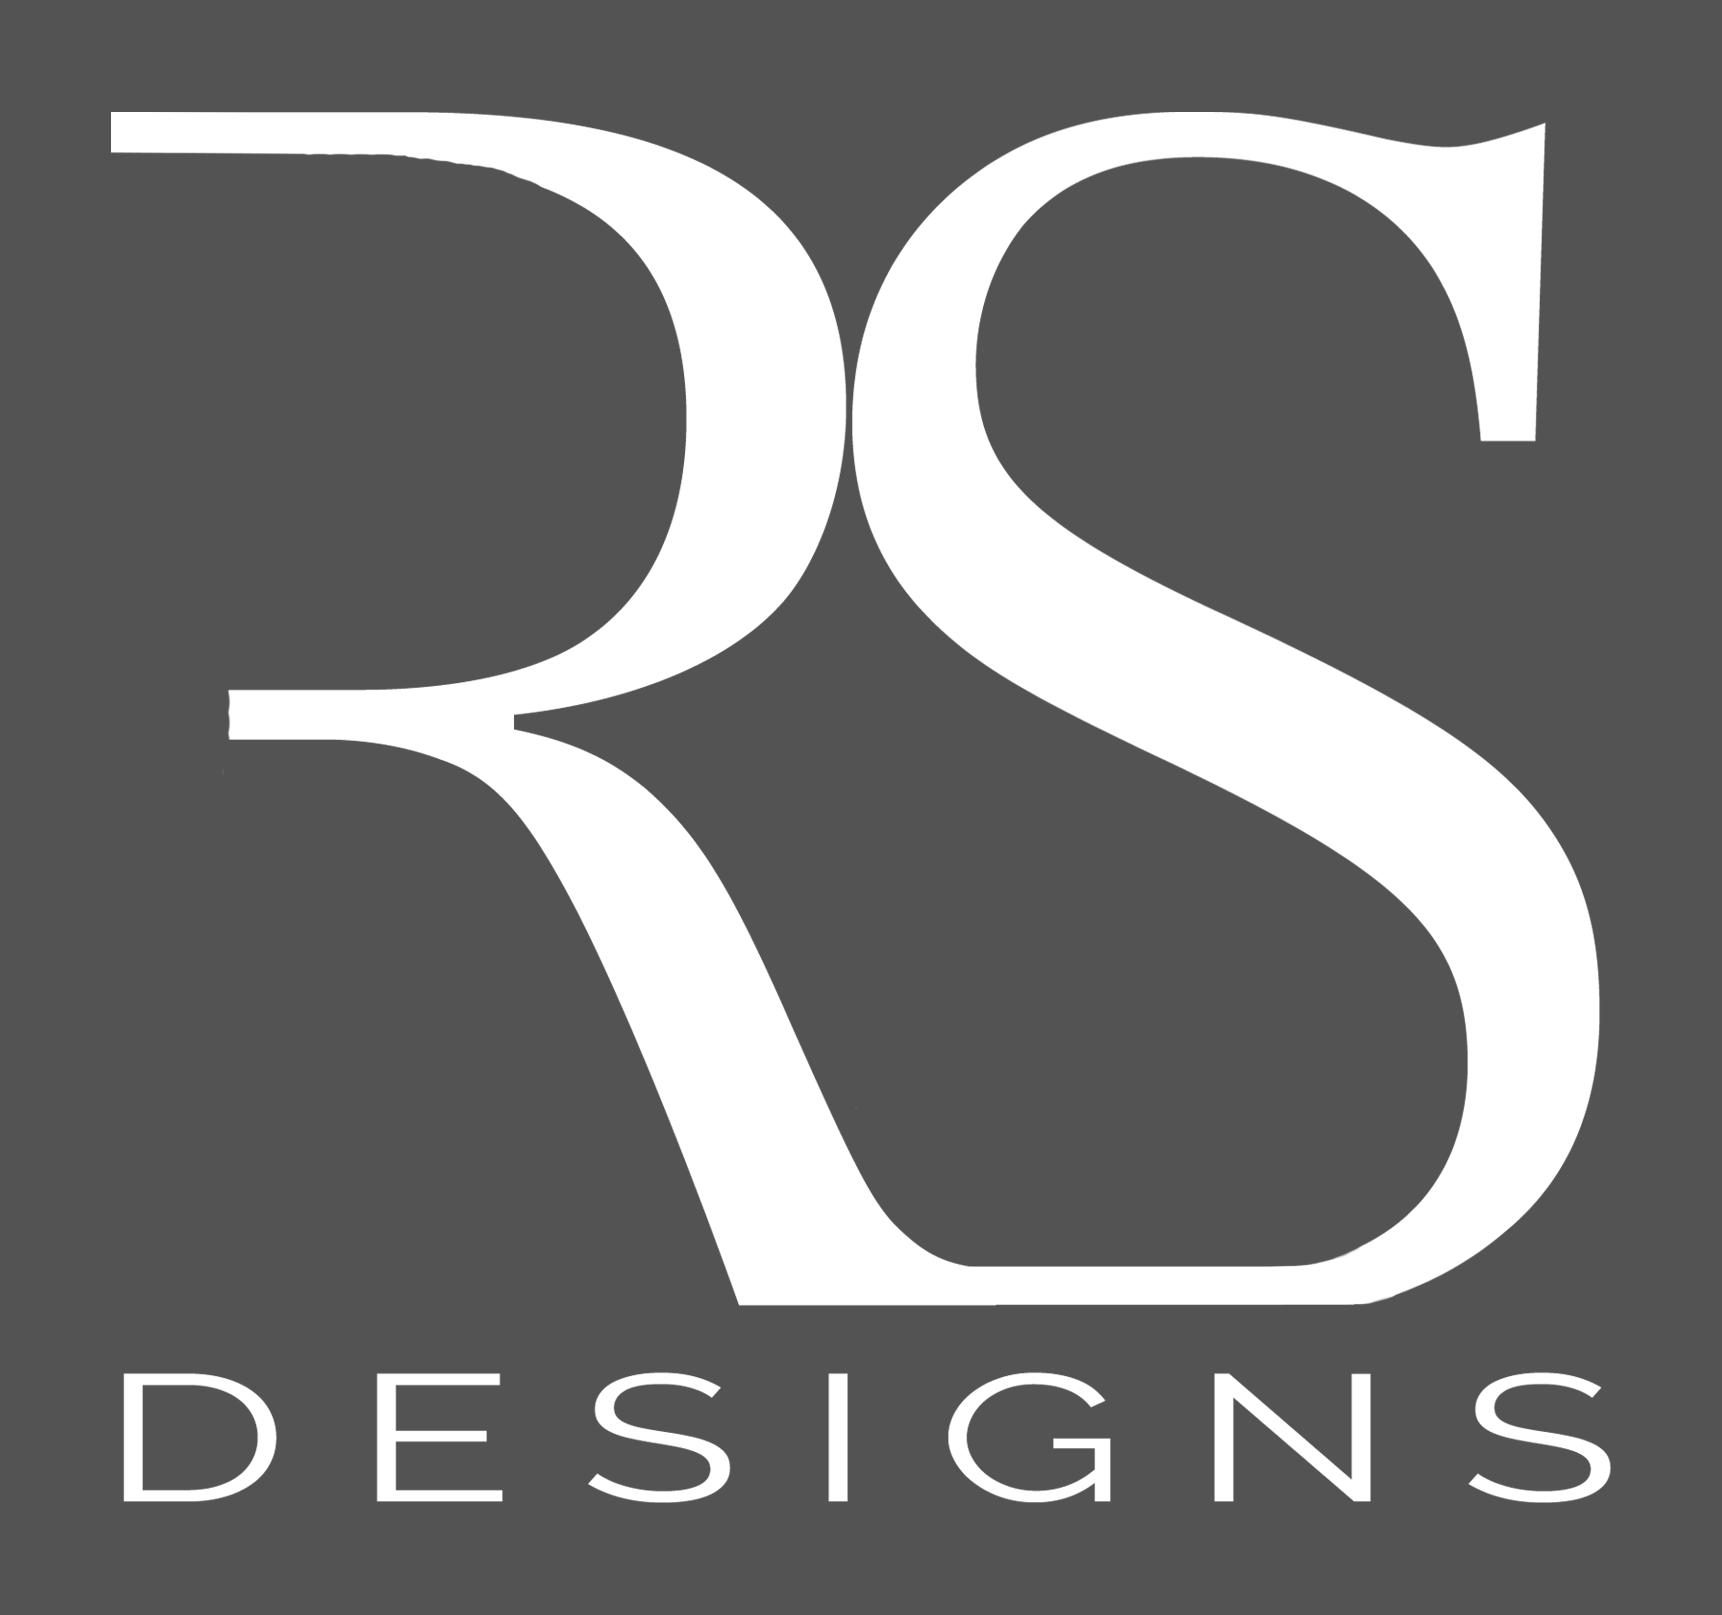 ontwerp content creatie video videografie fotografie - RSDesigns